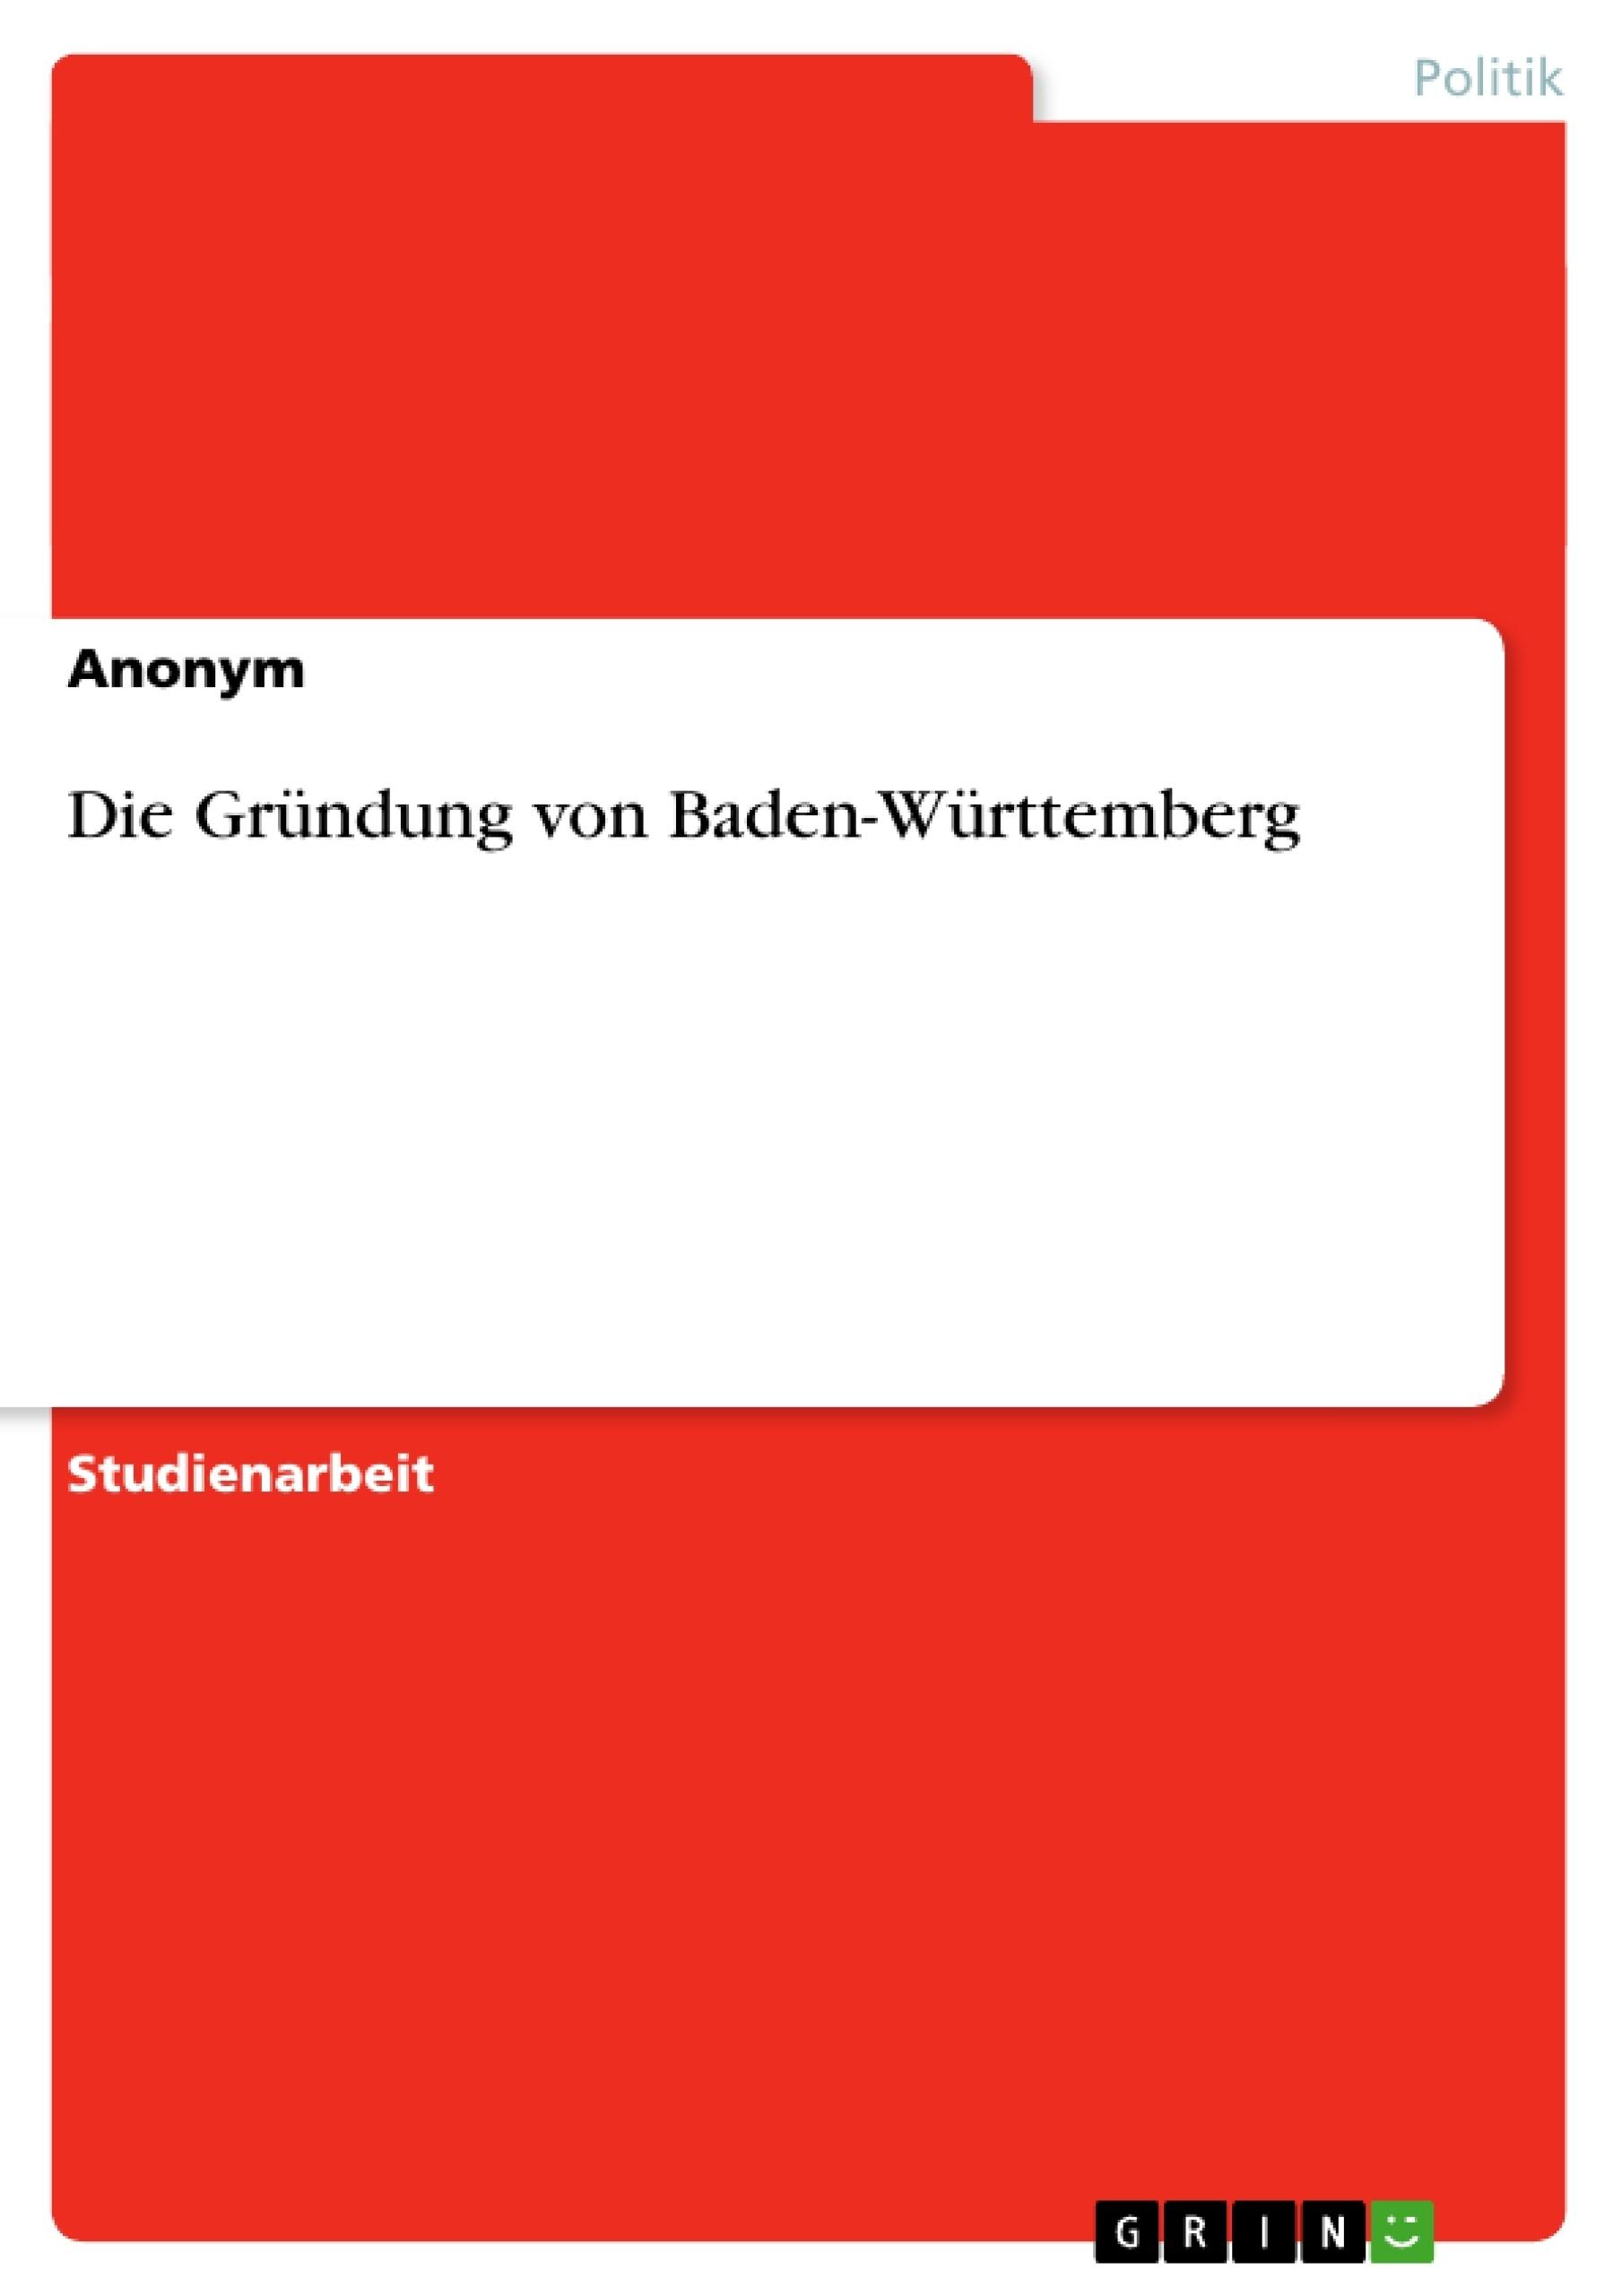 Titel: Die Gründung von Baden-Württemberg